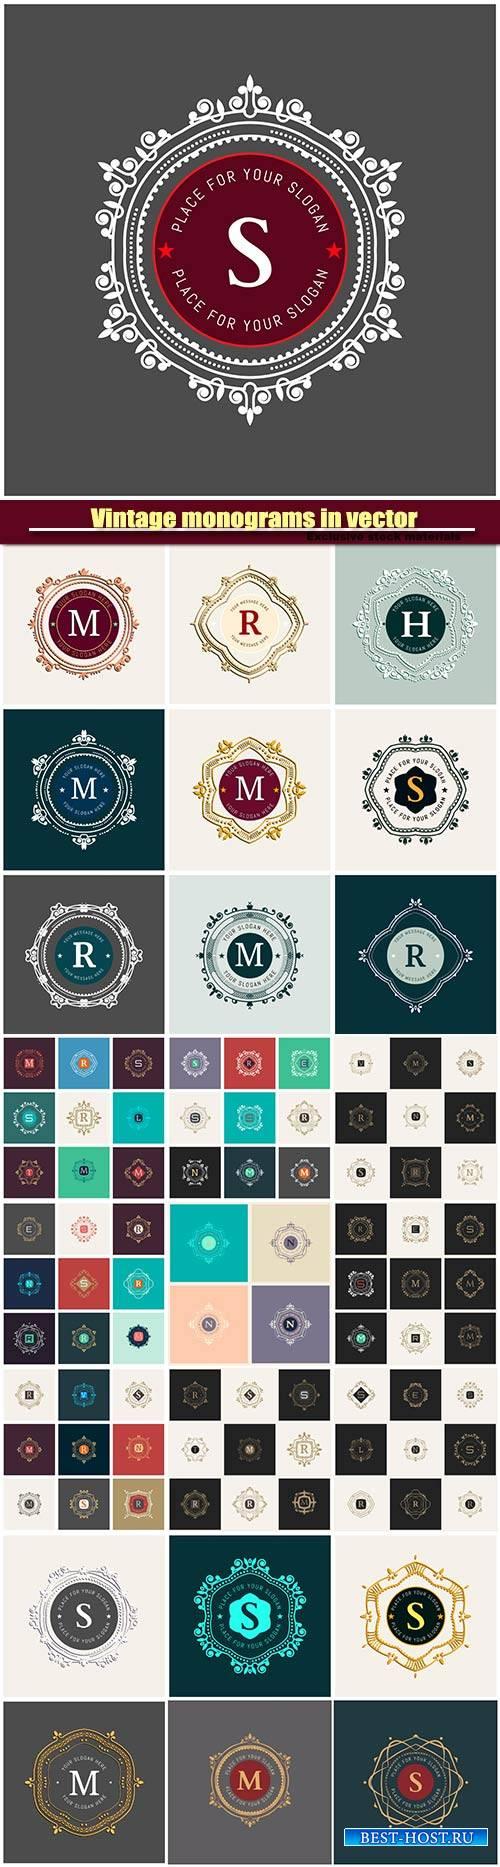 Vintage monograms in vector, logos #2